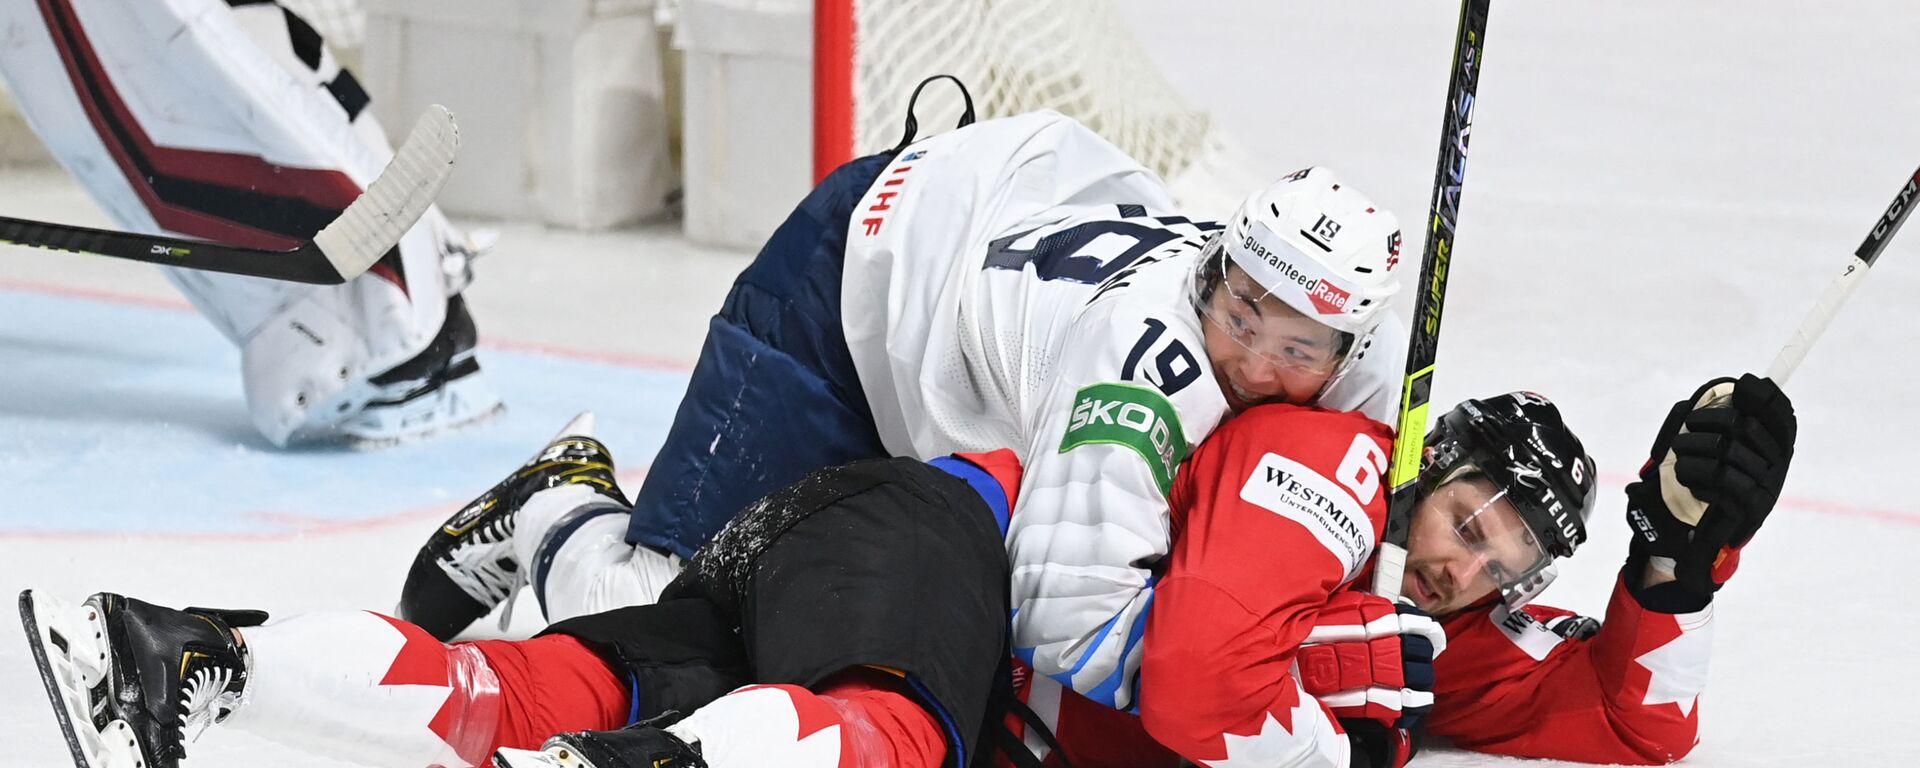 Vrchol emocí. Nejvýraznější záběry z Mistrovství světa v ledním hokeji 2021 - Sputnik Česká republika, 1920, 29.05.2021